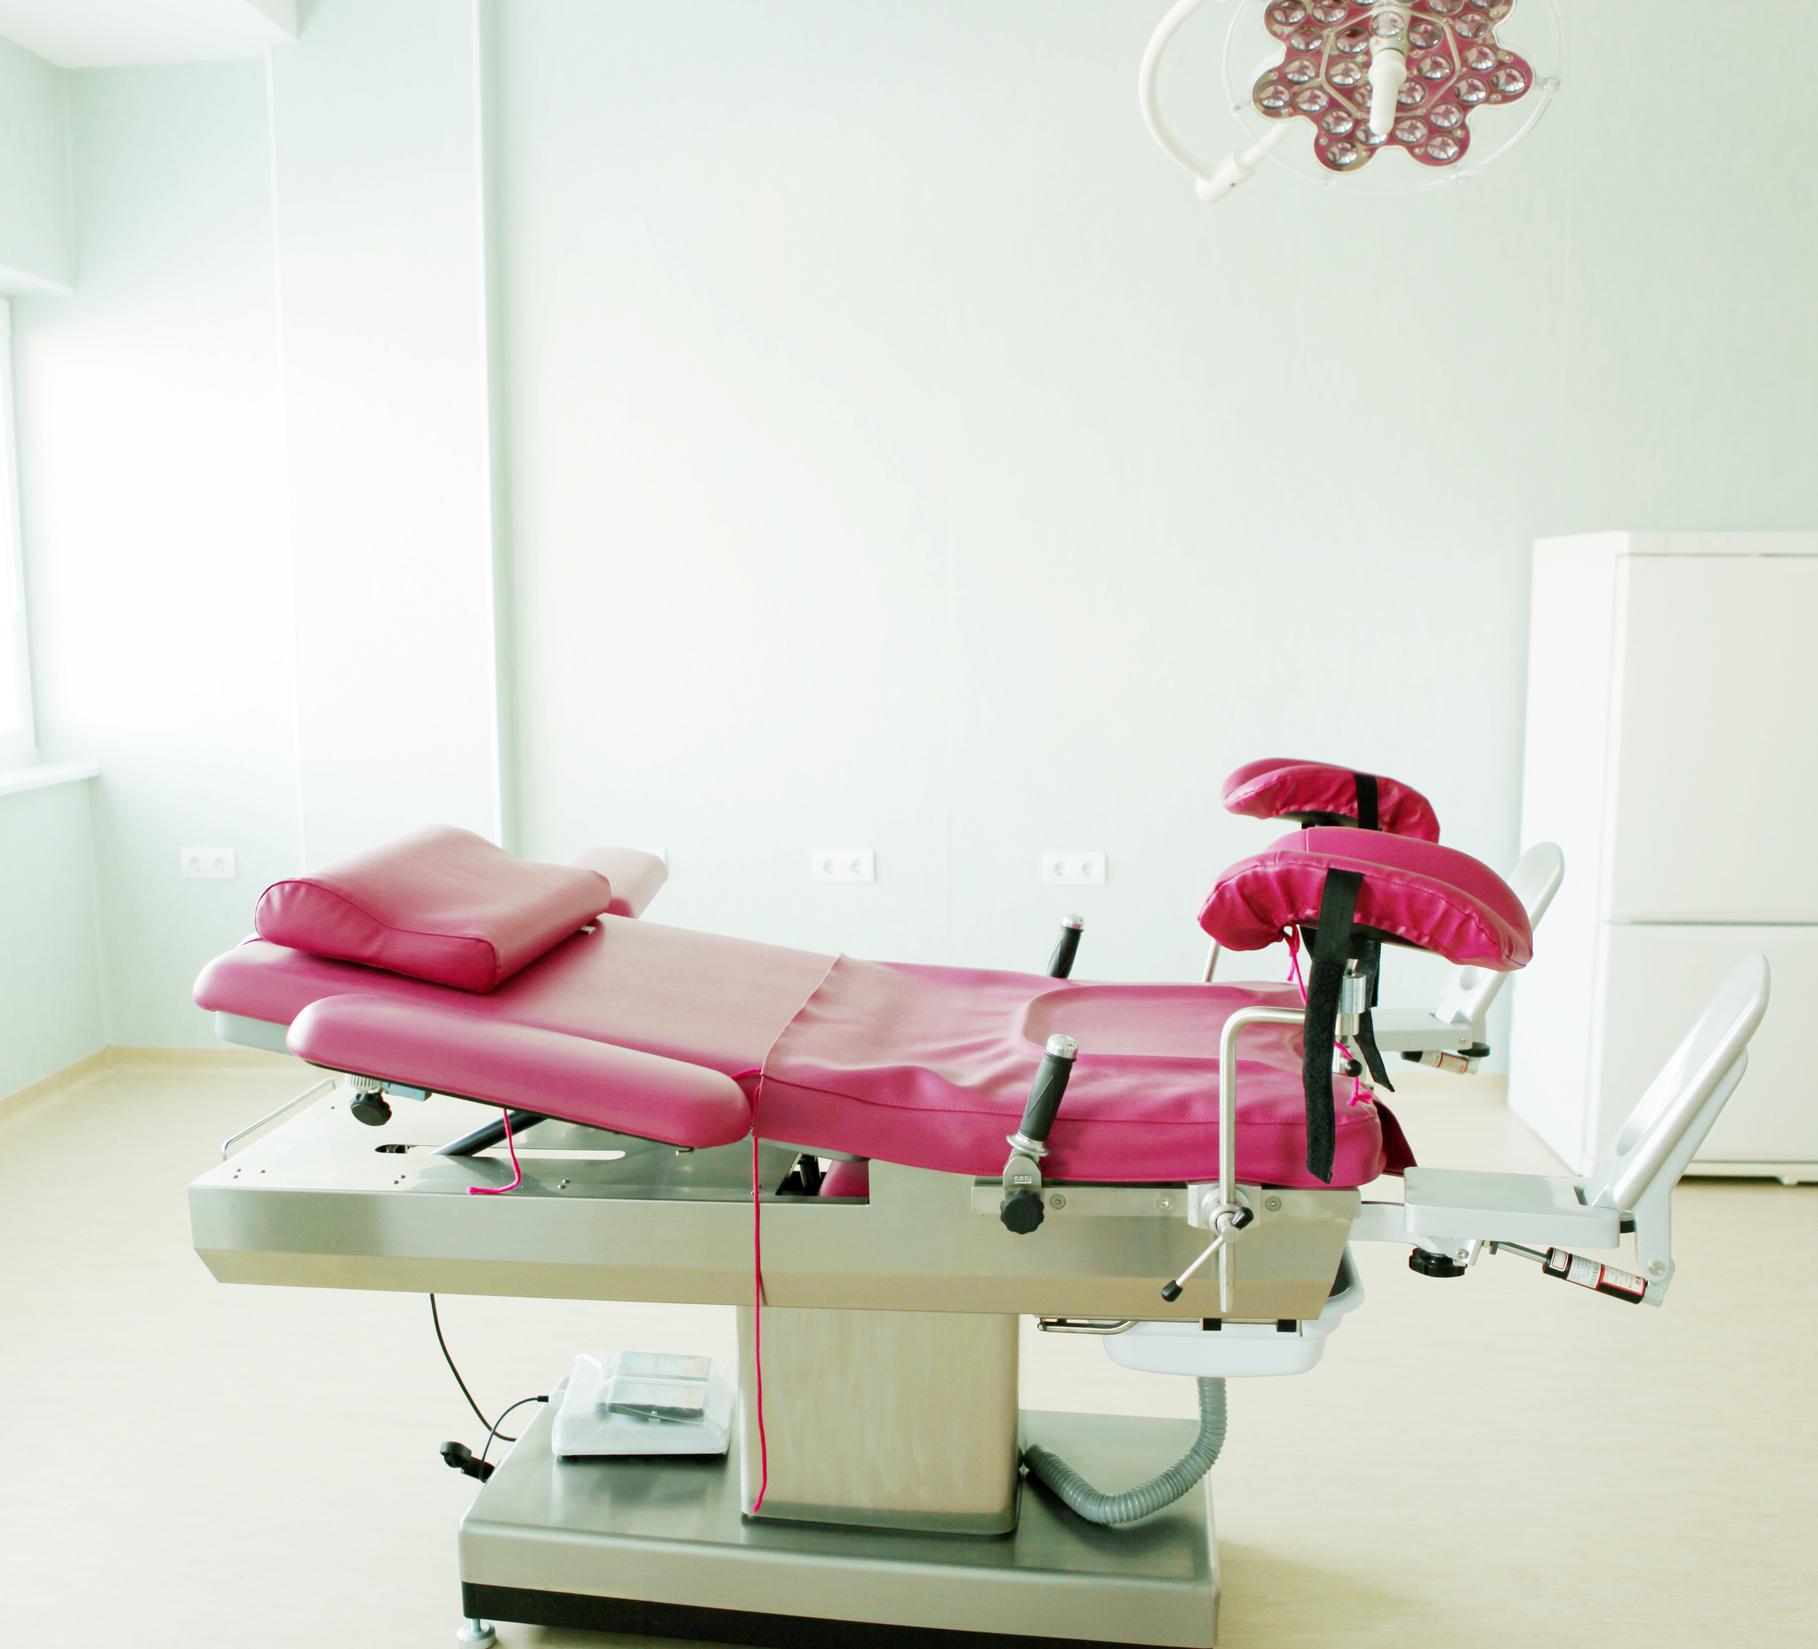 Zeci de fetuși avortați au fost îngropați sub cruci fără ca mamele lor să știe. Cum s-a întâmplat